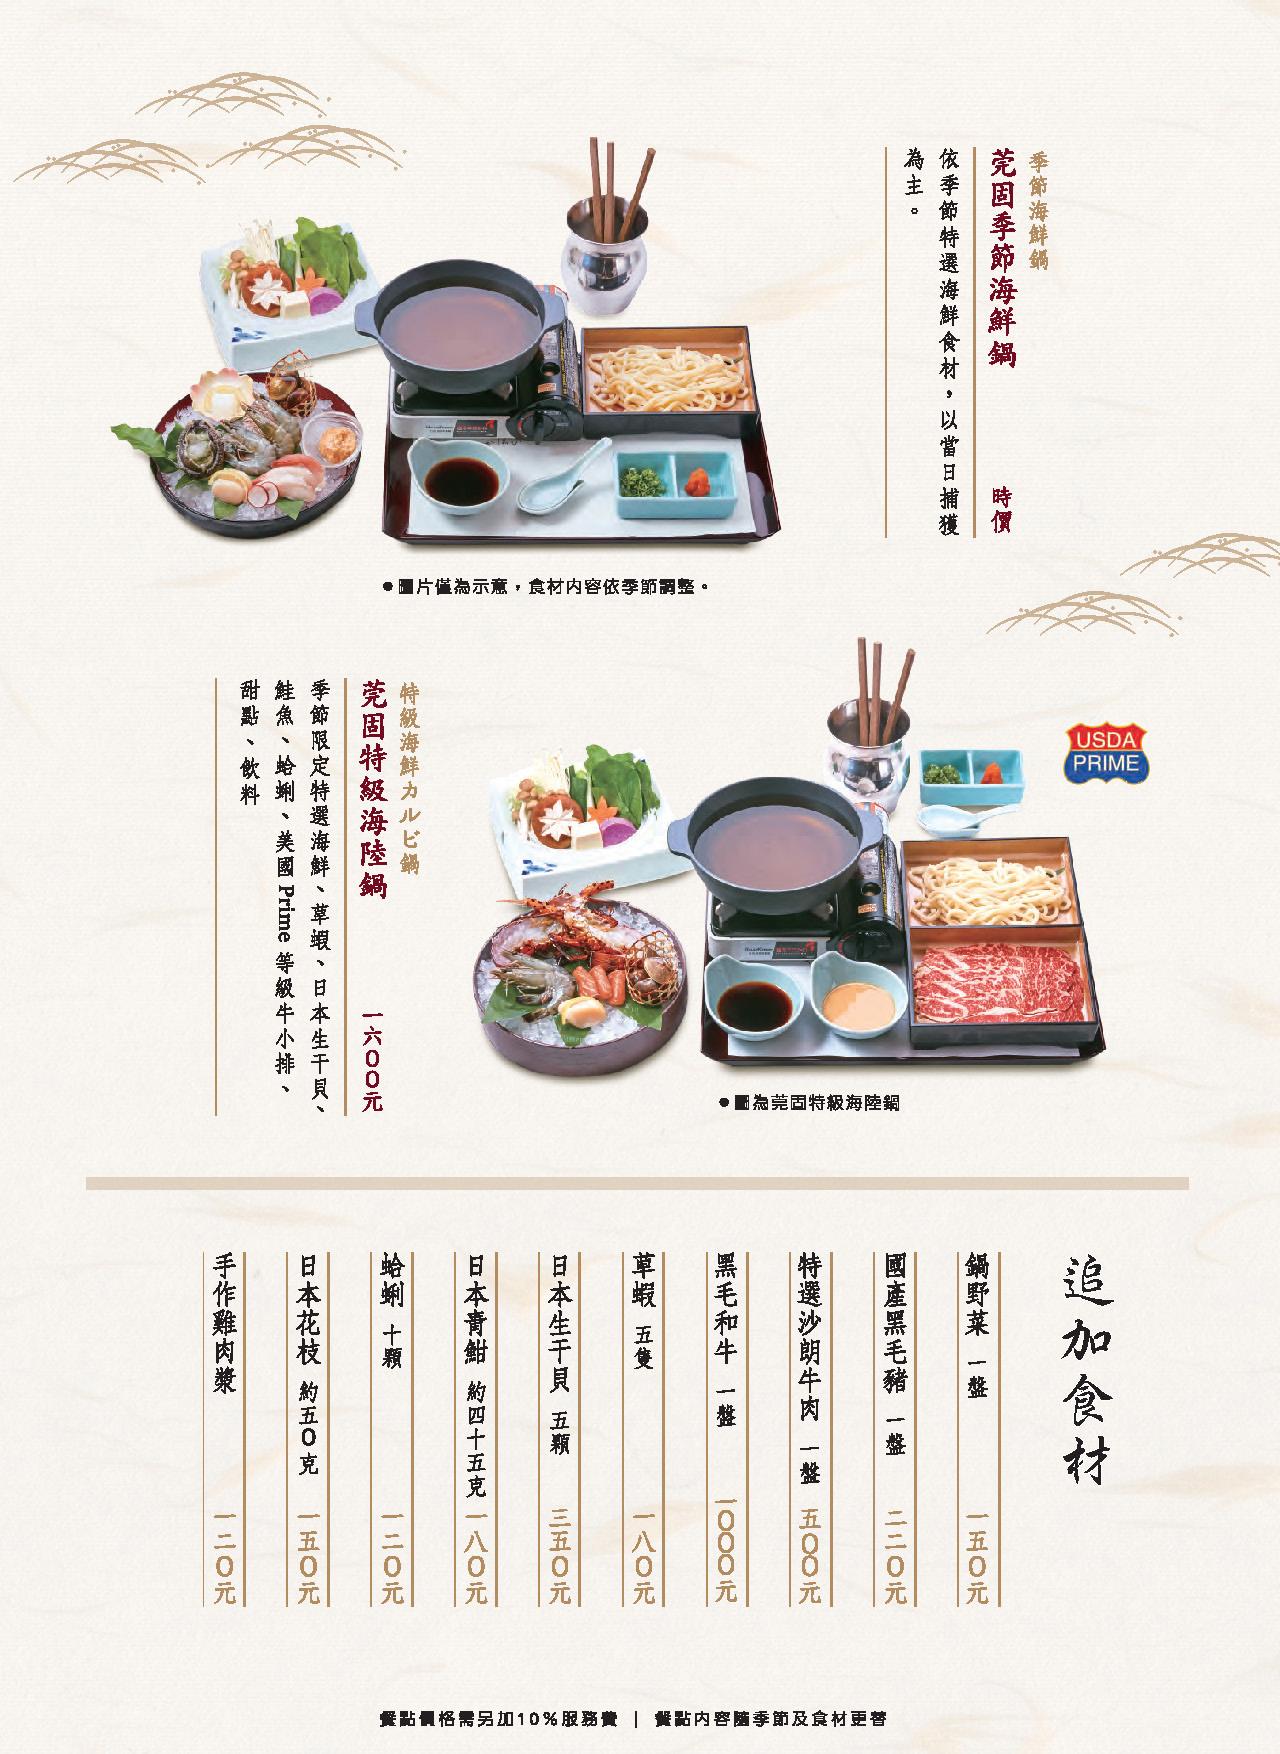 莞固和食 GANKO 台北大直店菜單 - 莞固鍋物